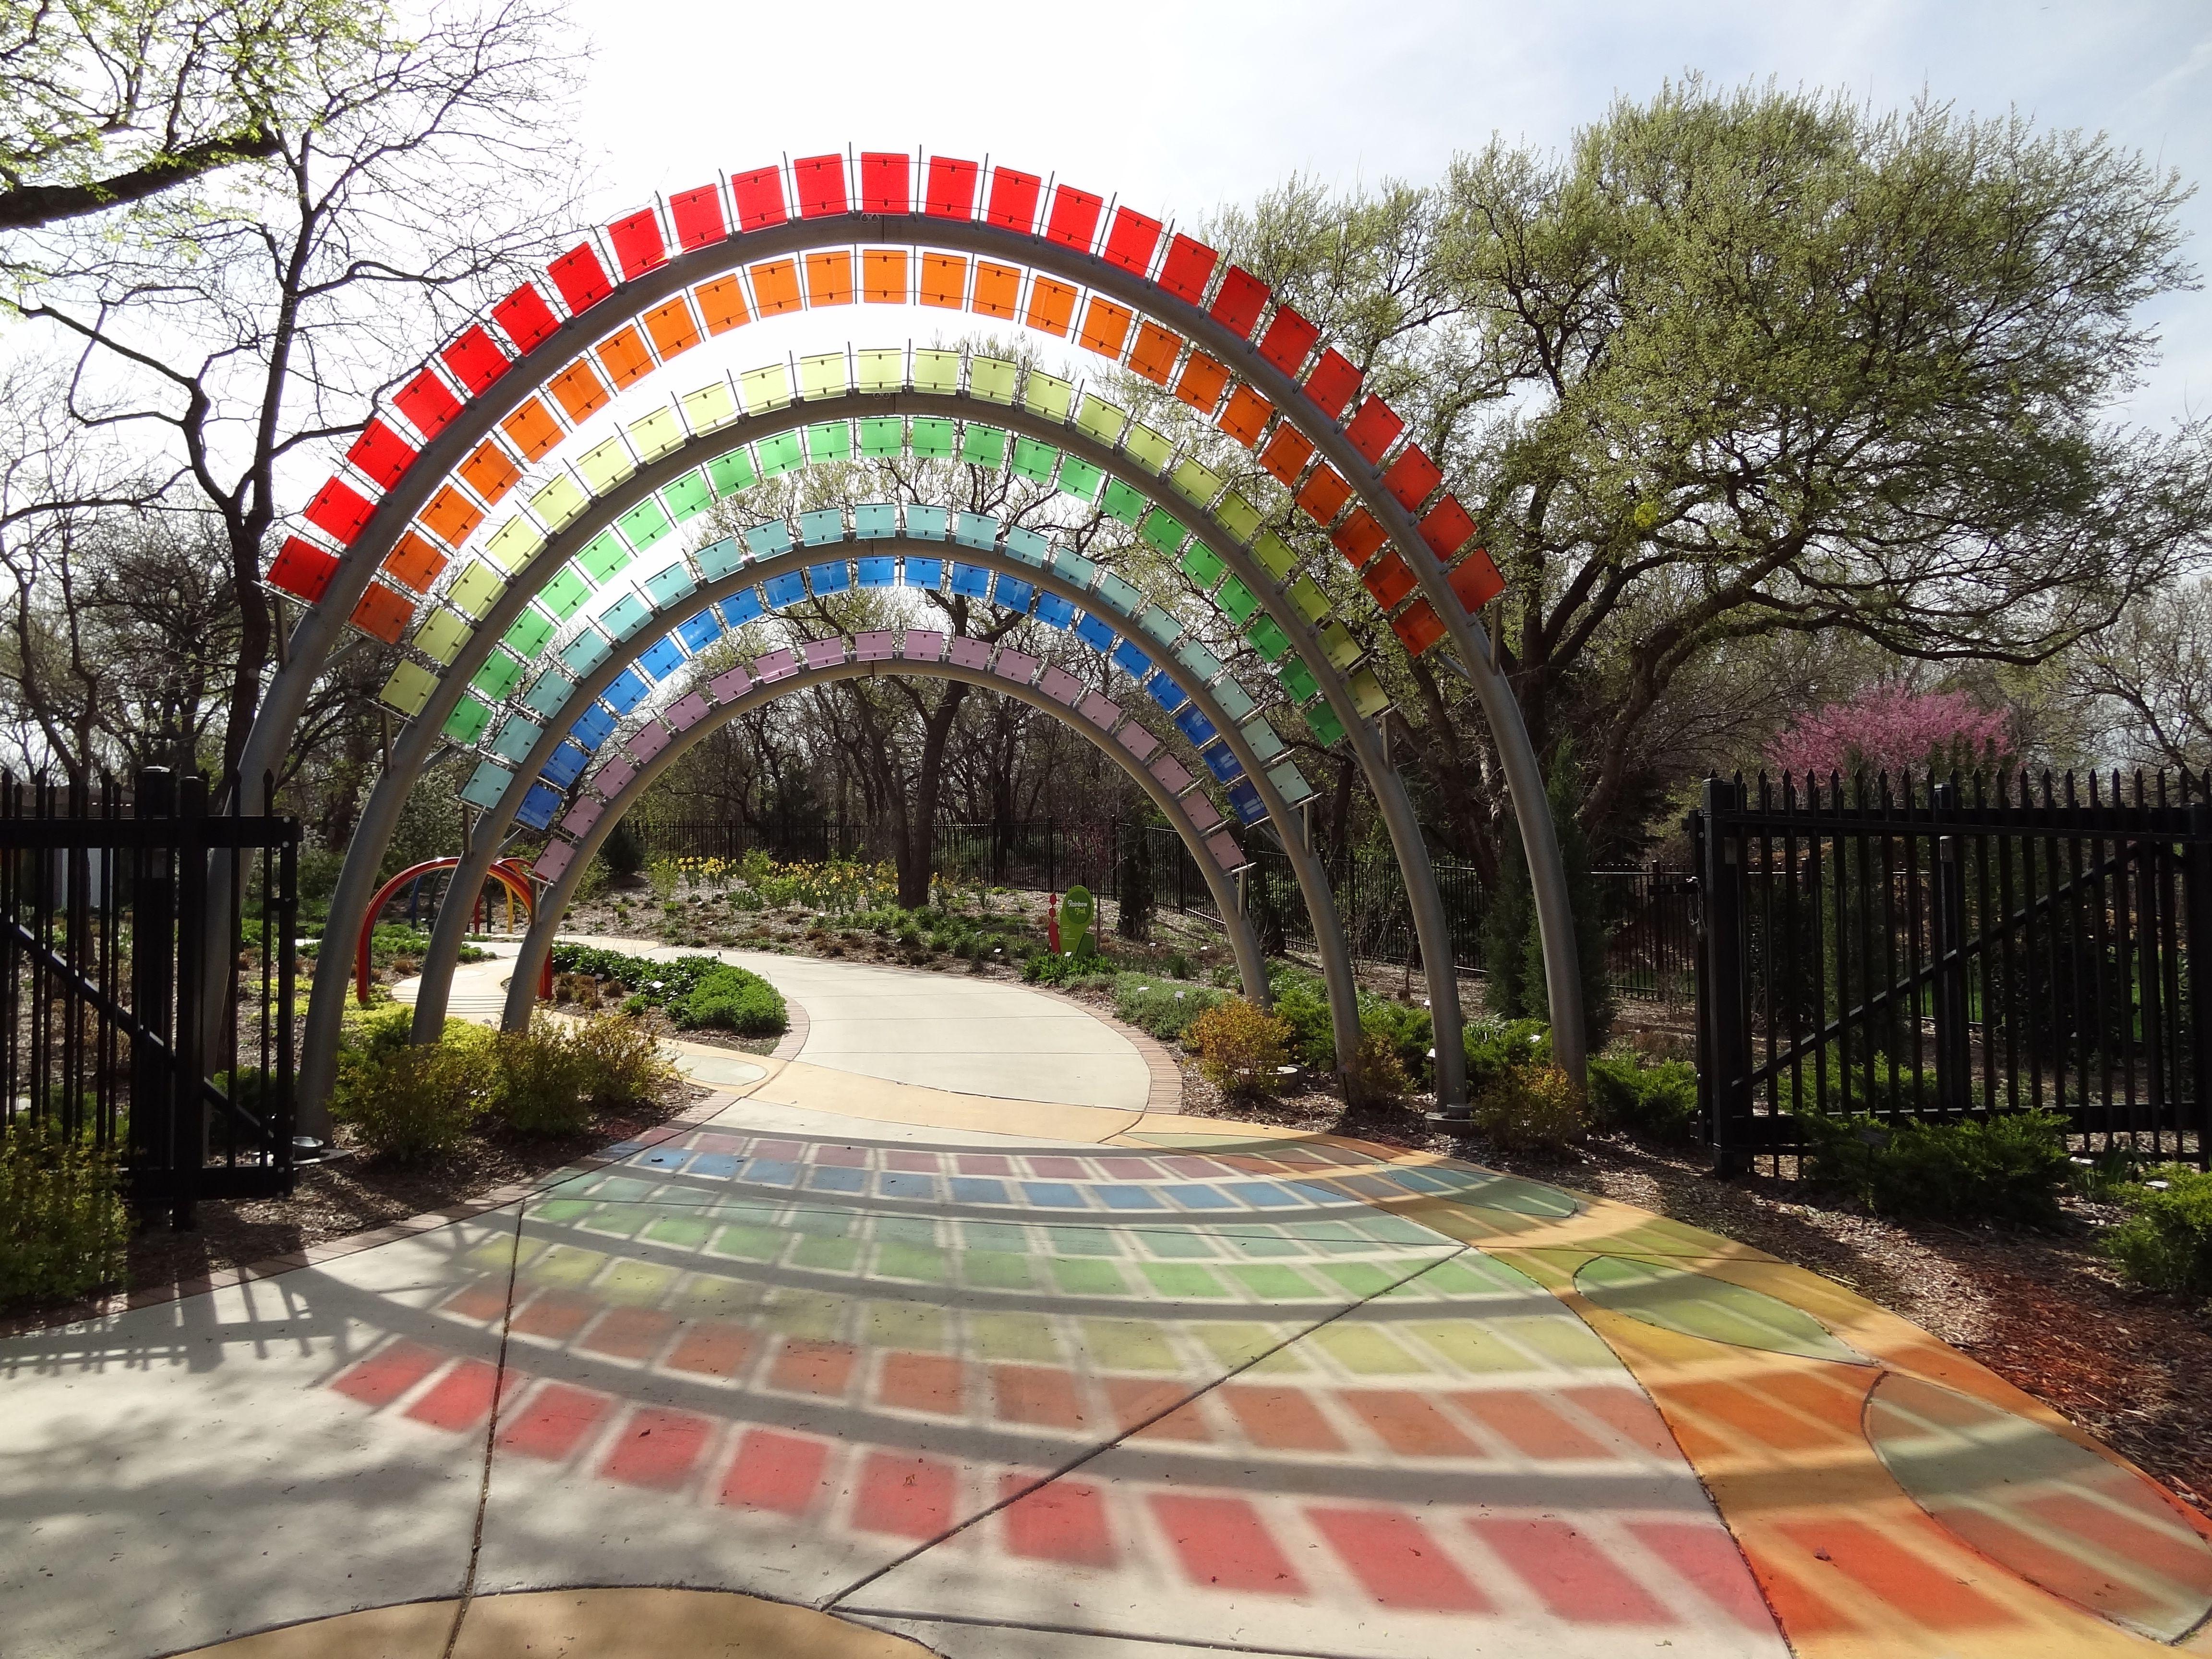 Gateway To The Children S Garden At Botanical Gardens Wichita Kansas Gardening For Kids Outdoor Play Spaces Kids Garden Play